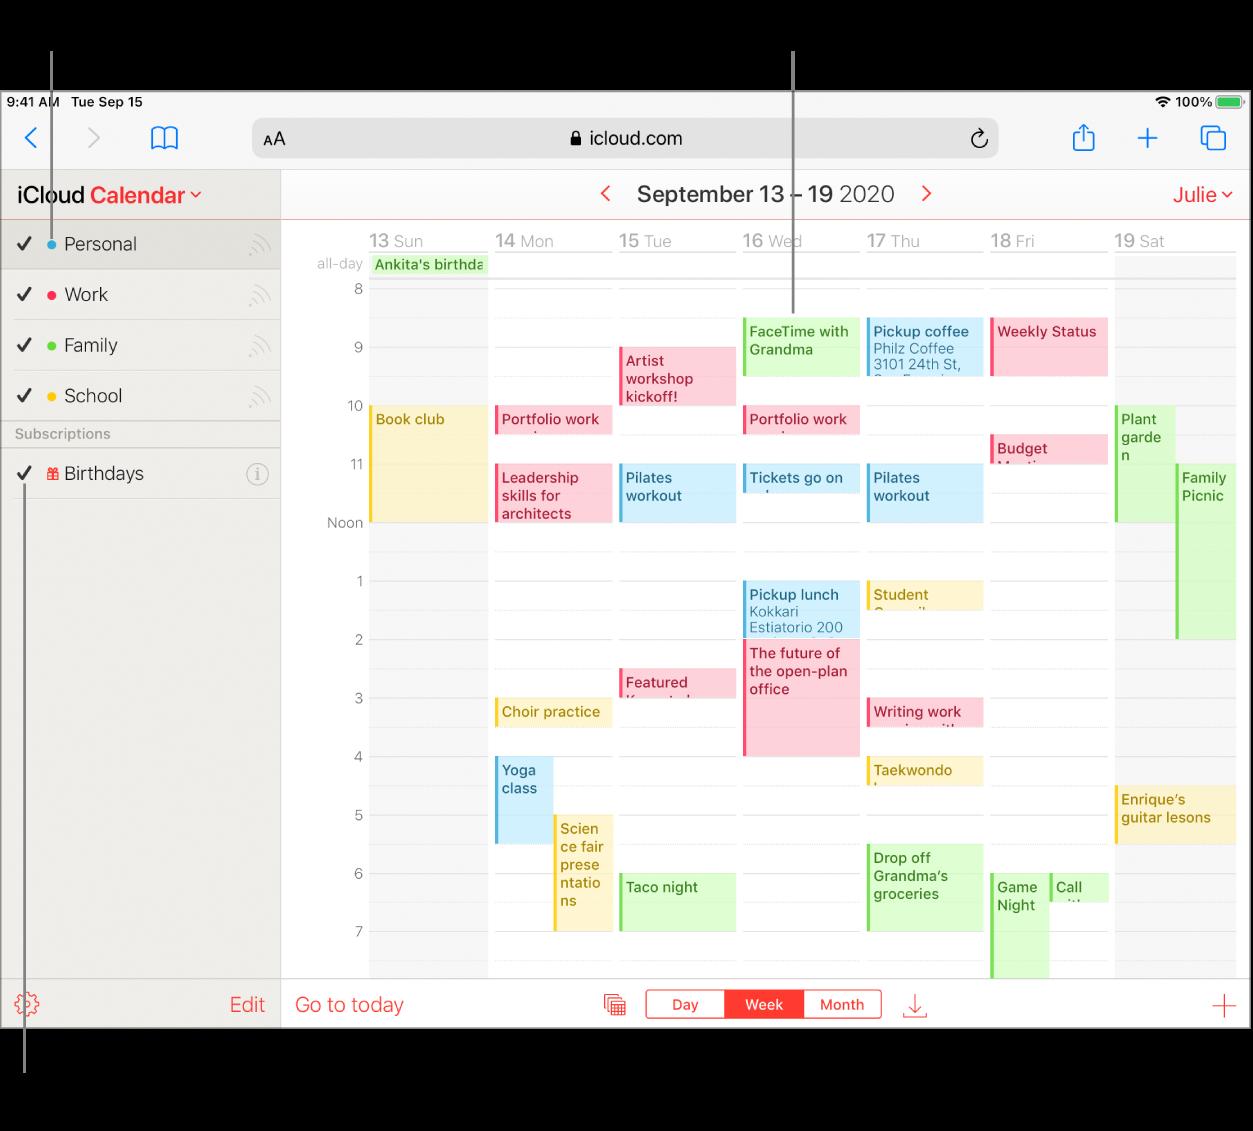 """Das Fenster """"iCloudKalender"""" mit mehreren angezeigten Kalendern. Weise jedem Kalender eine unterschiedliche Farbe zu. Anhand der Farbe eines Ereignisses ist ersichtlich, zu welchem Kalender es gehört. Aktiviere bzw. deaktiviere die Häkchen, um einen Kalender ein‑ oder auszublenden."""